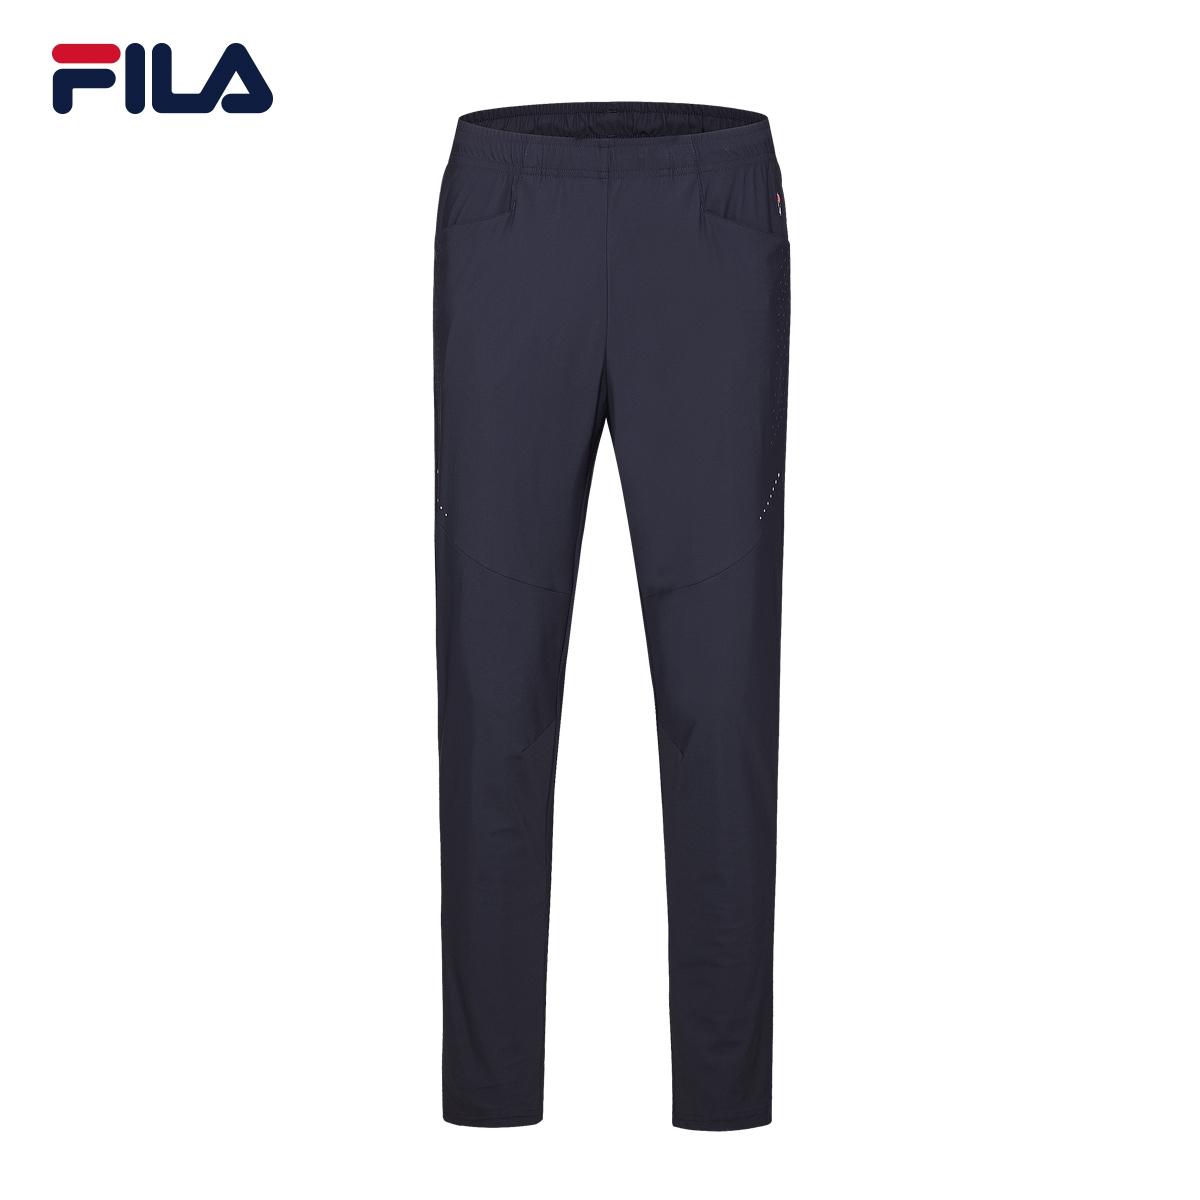 FILA斐乐男2018夏季新款时尚休闲运动舒适针织长裤|F11M827601F